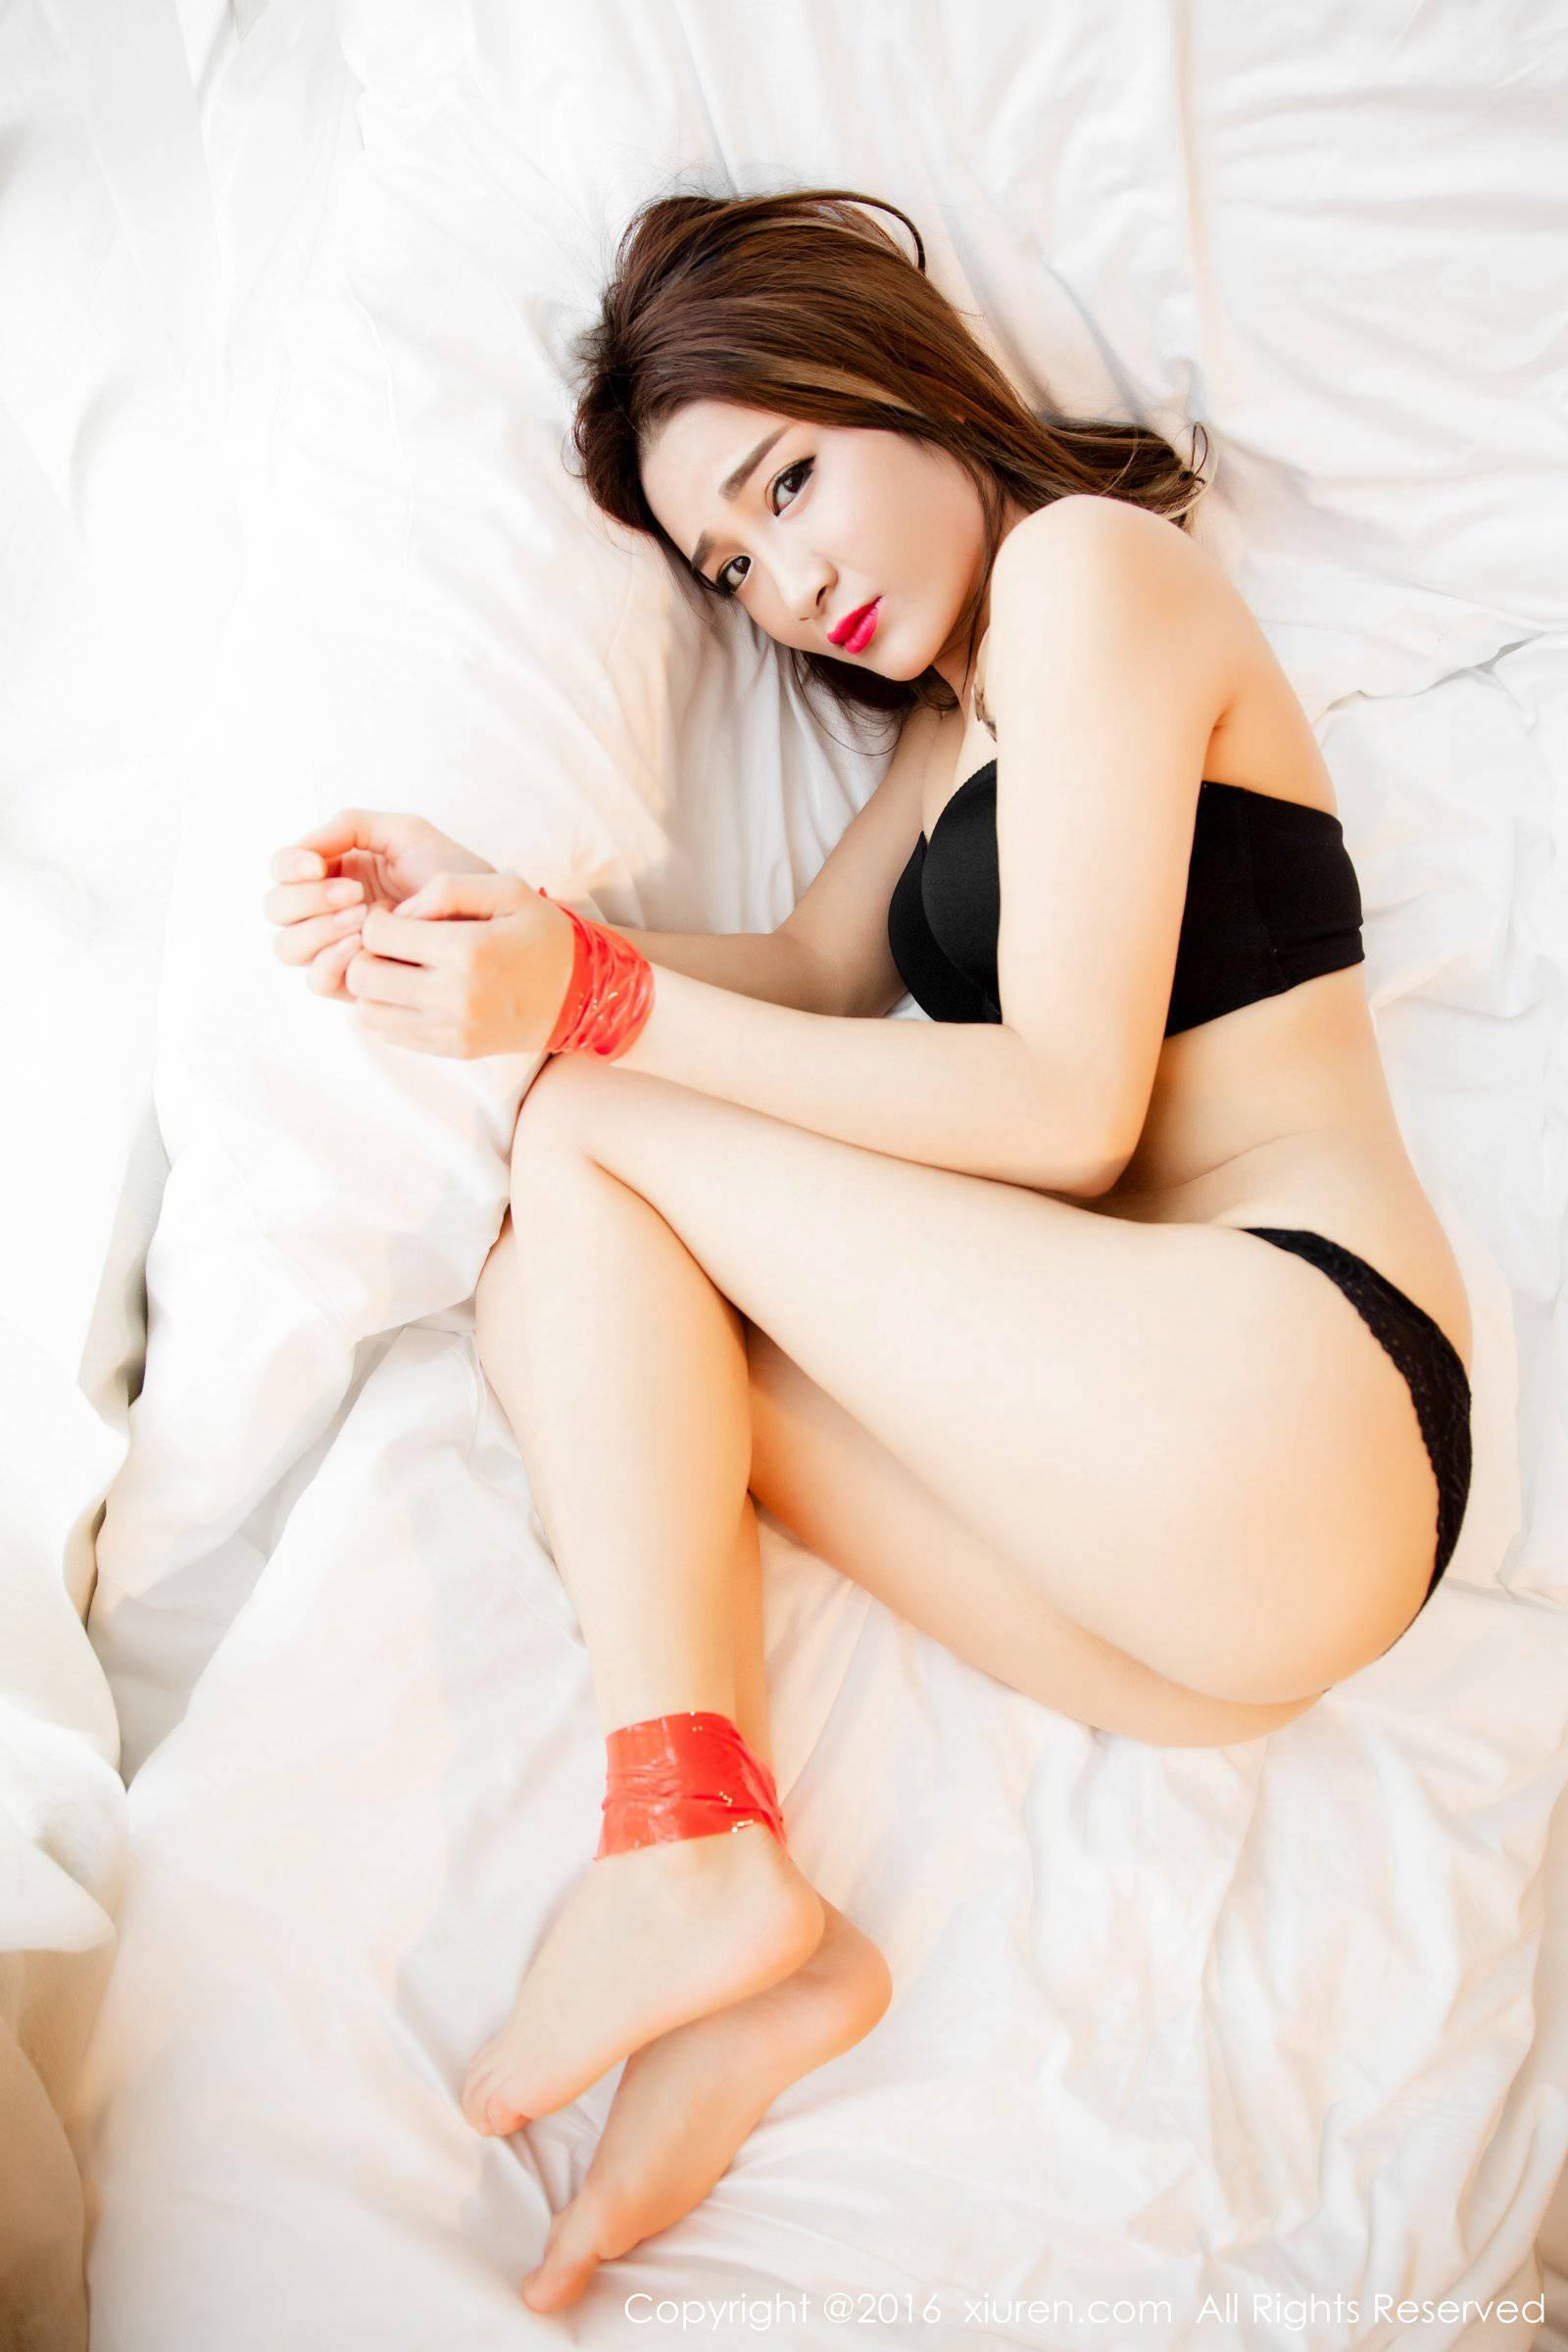 秀人網美女模特梁瑩Sugar捆綁SM情趣誘惑【24】 - 美女 - 億圖全景圖庫